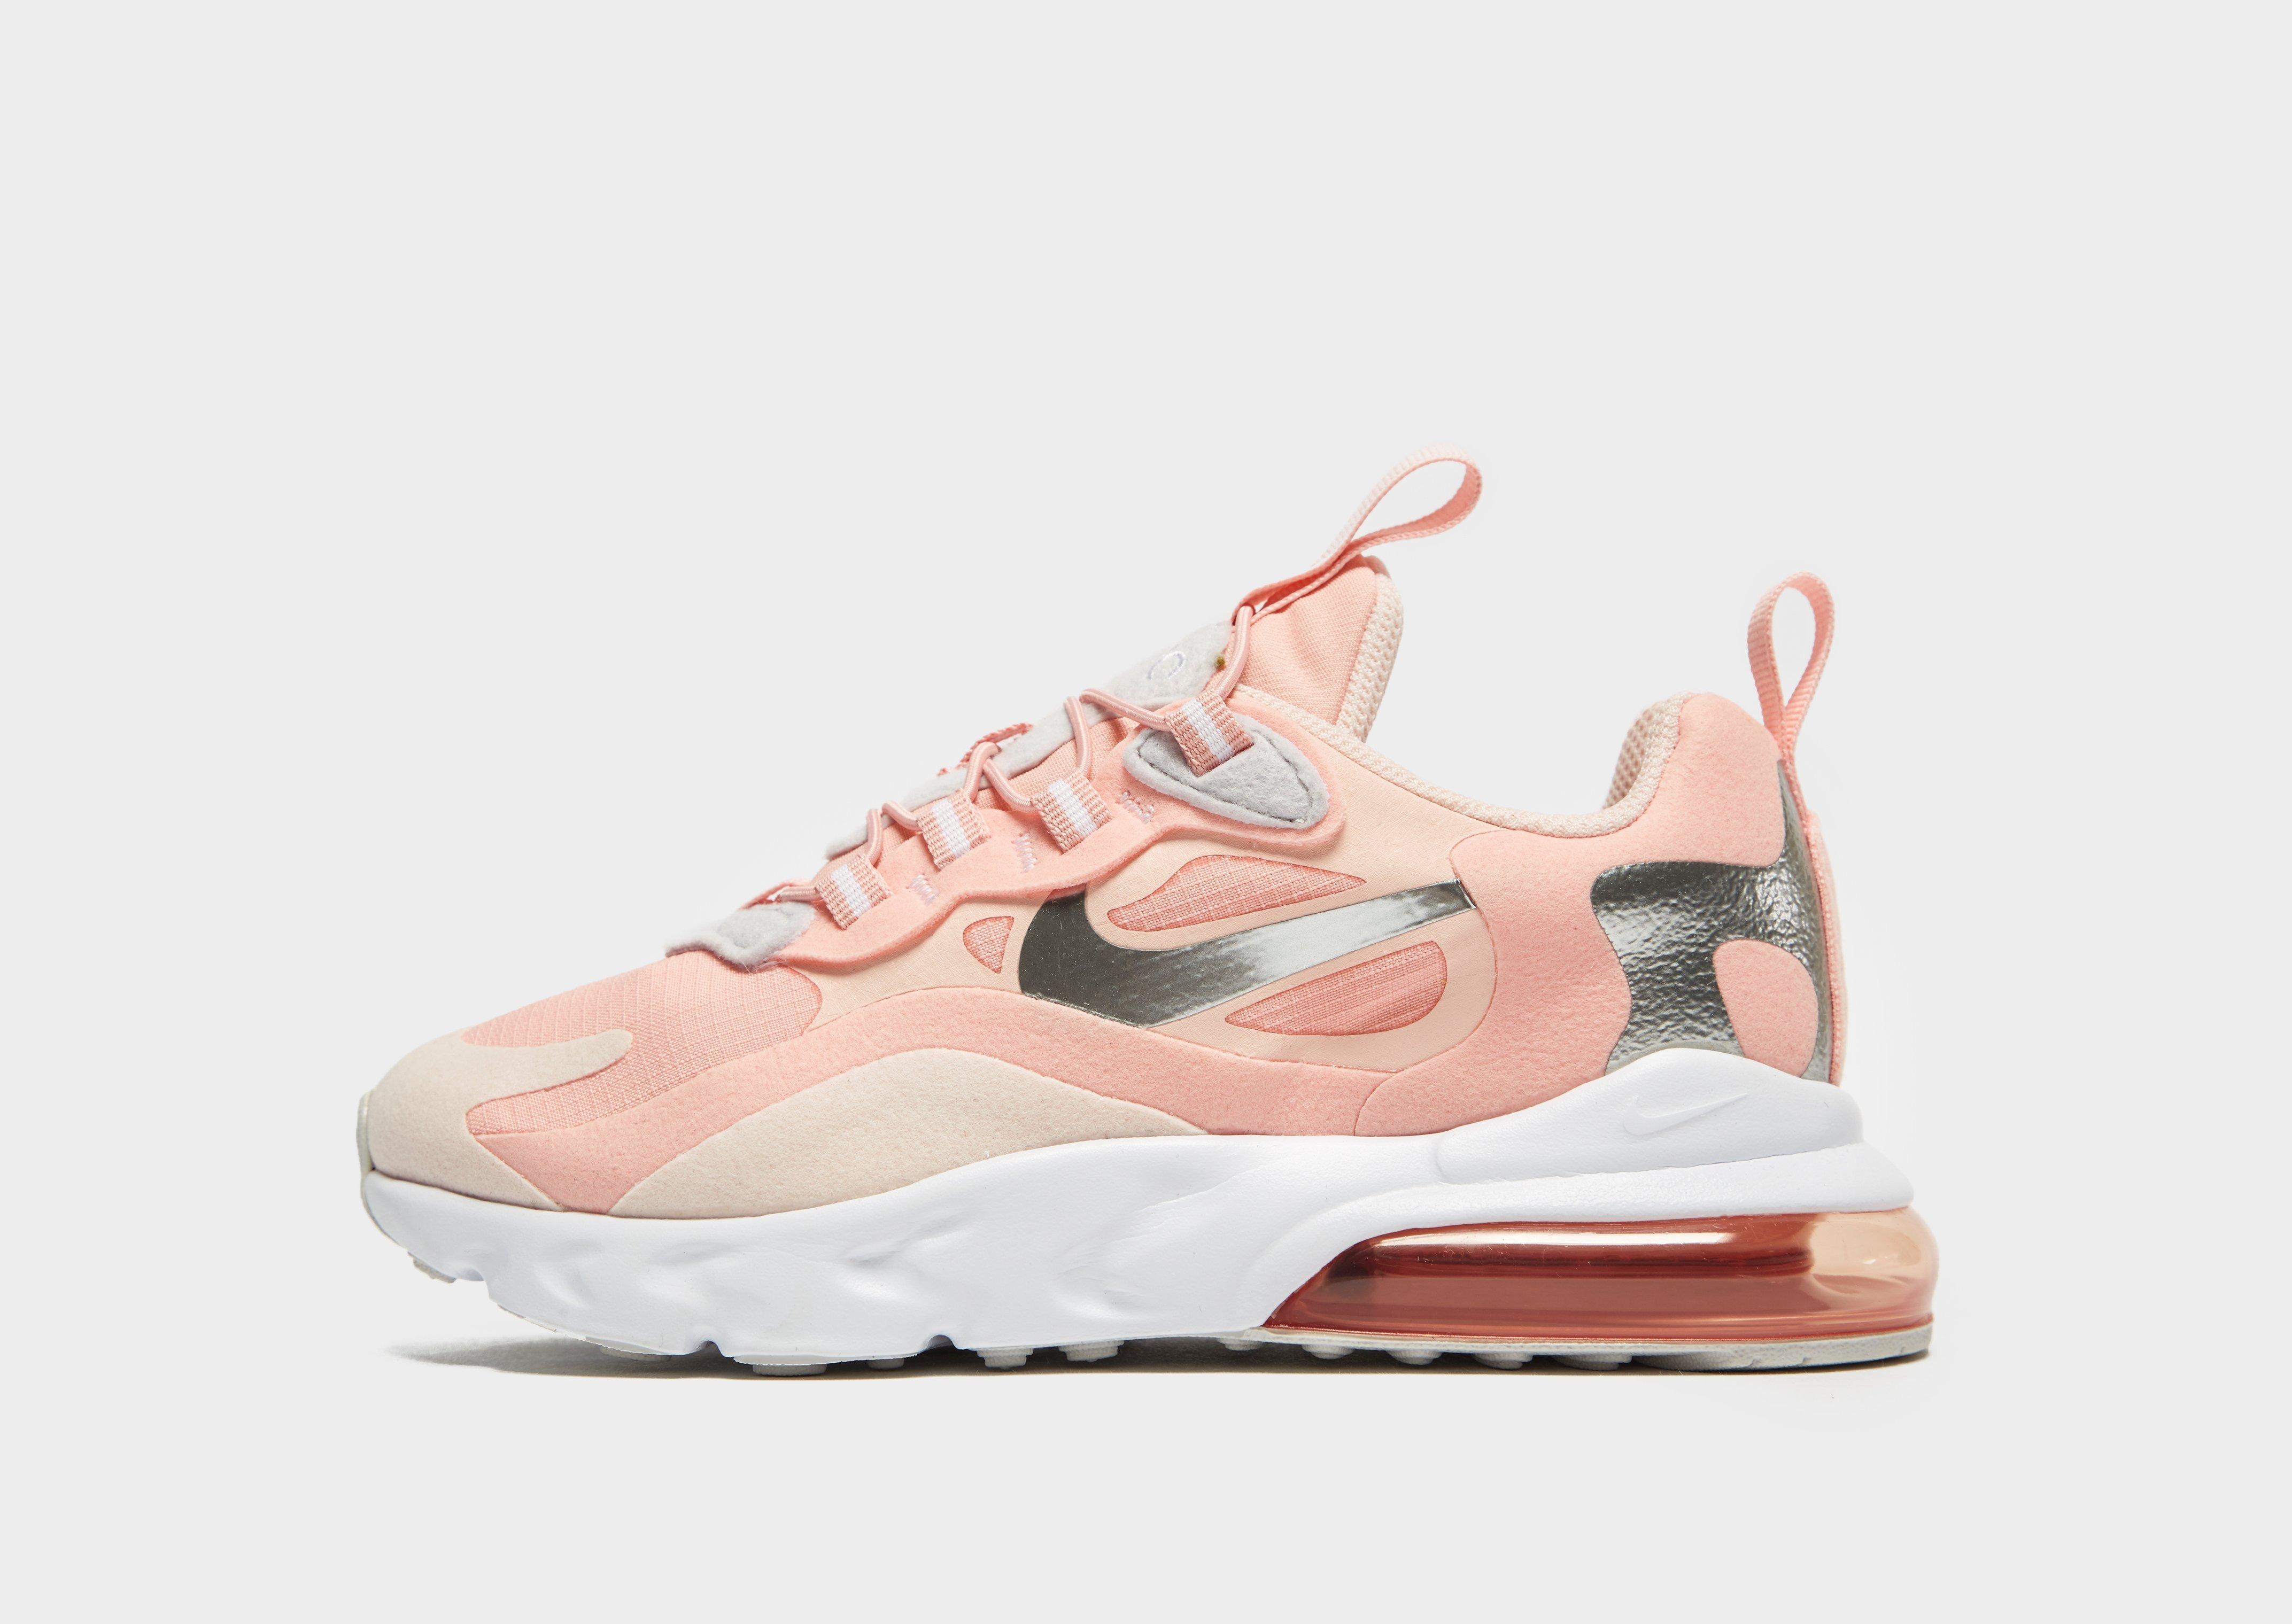 air max 270 react rosa